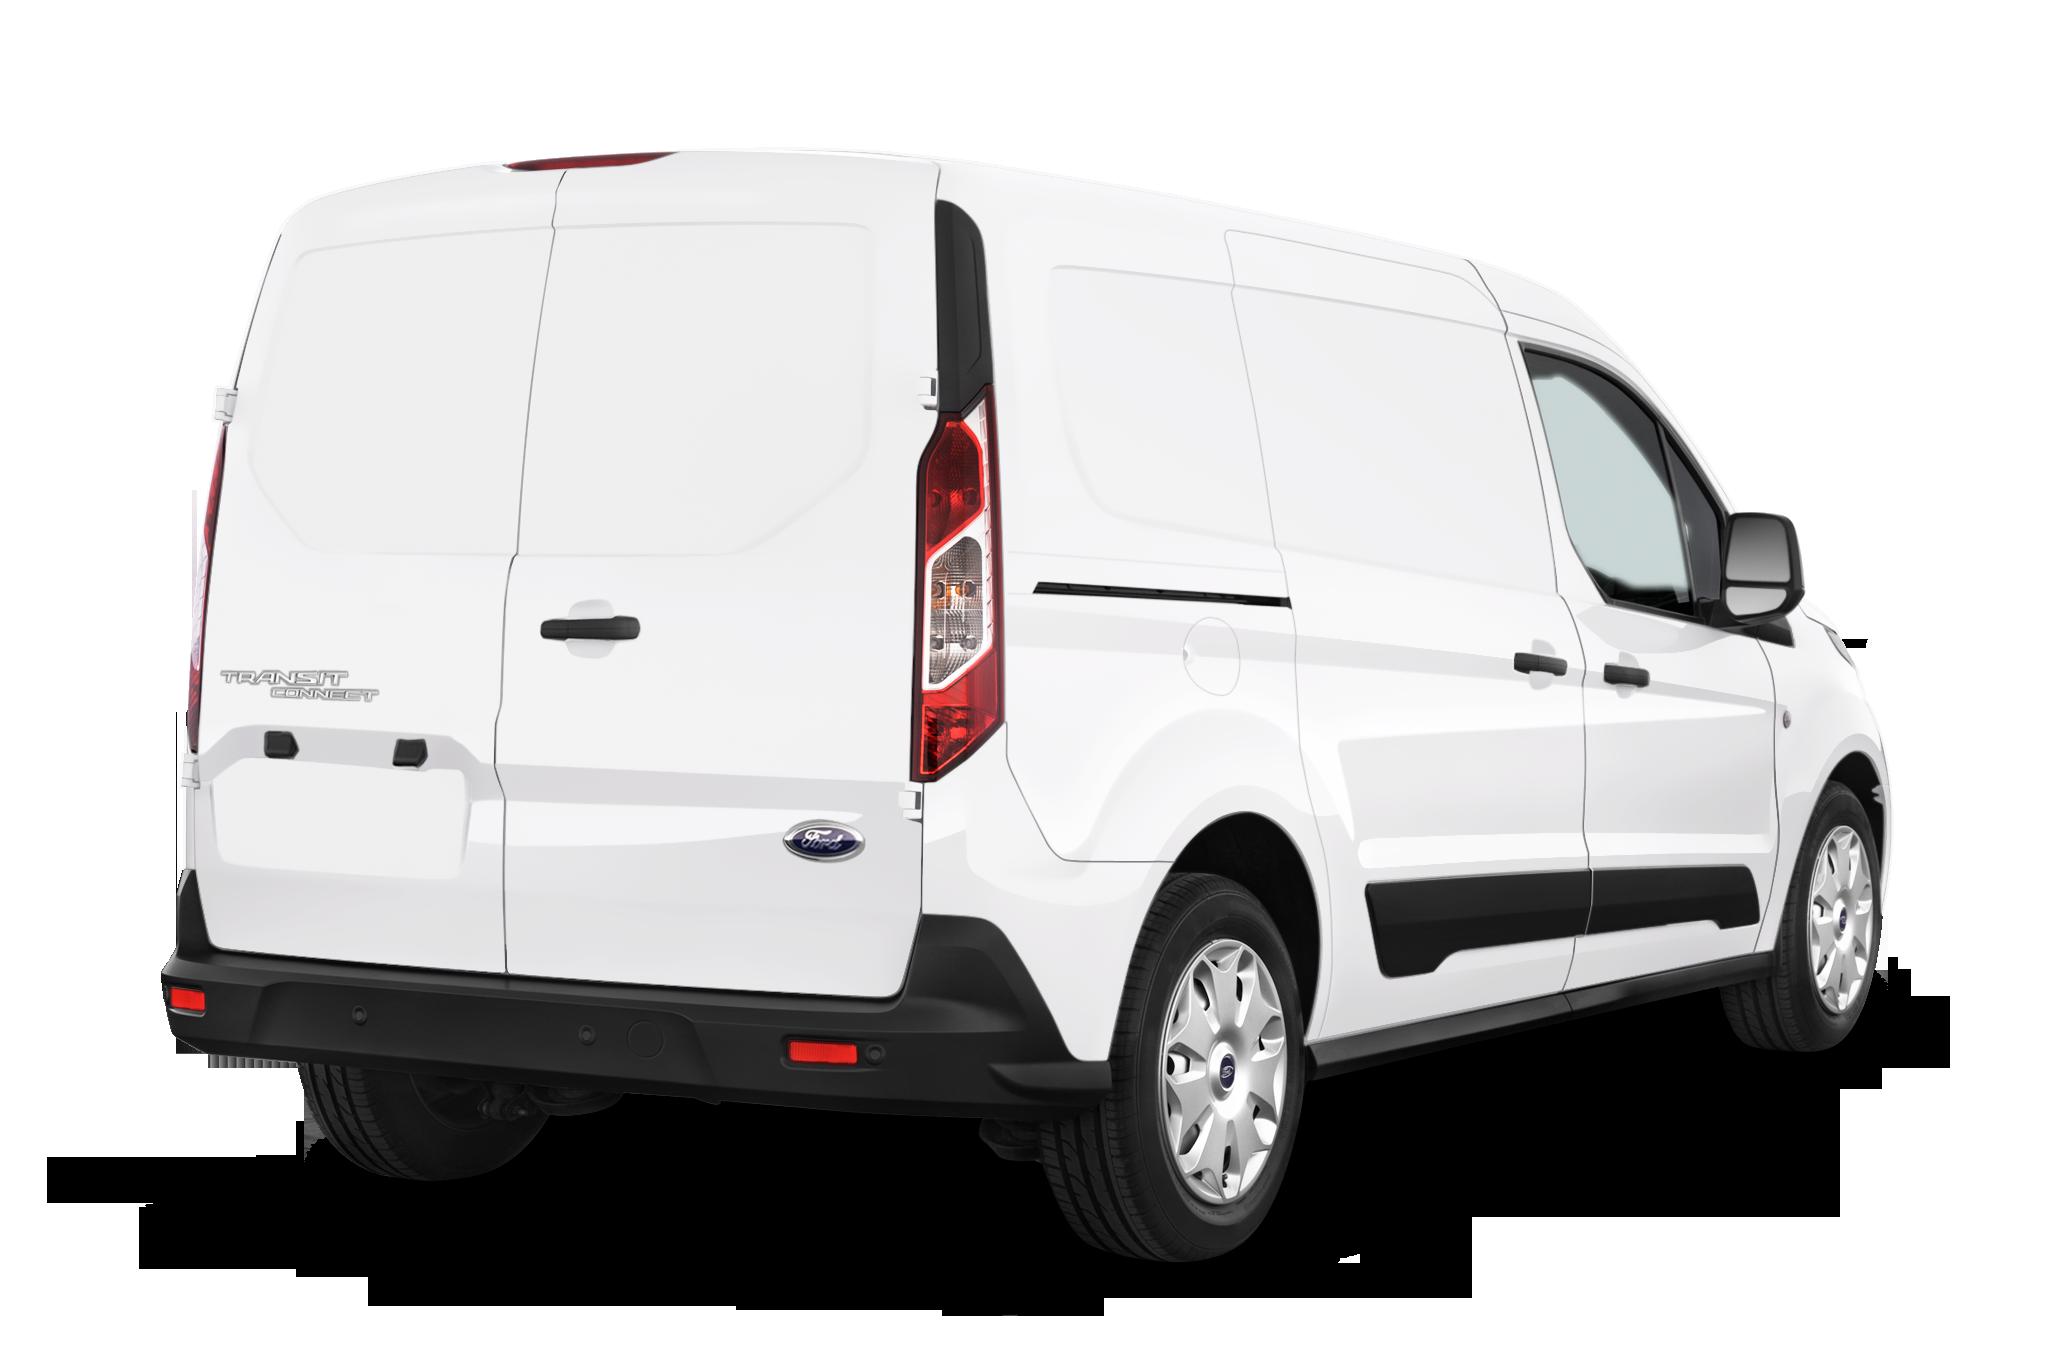 ford transit connect vehicle review arval uk ltd. Black Bedroom Furniture Sets. Home Design Ideas